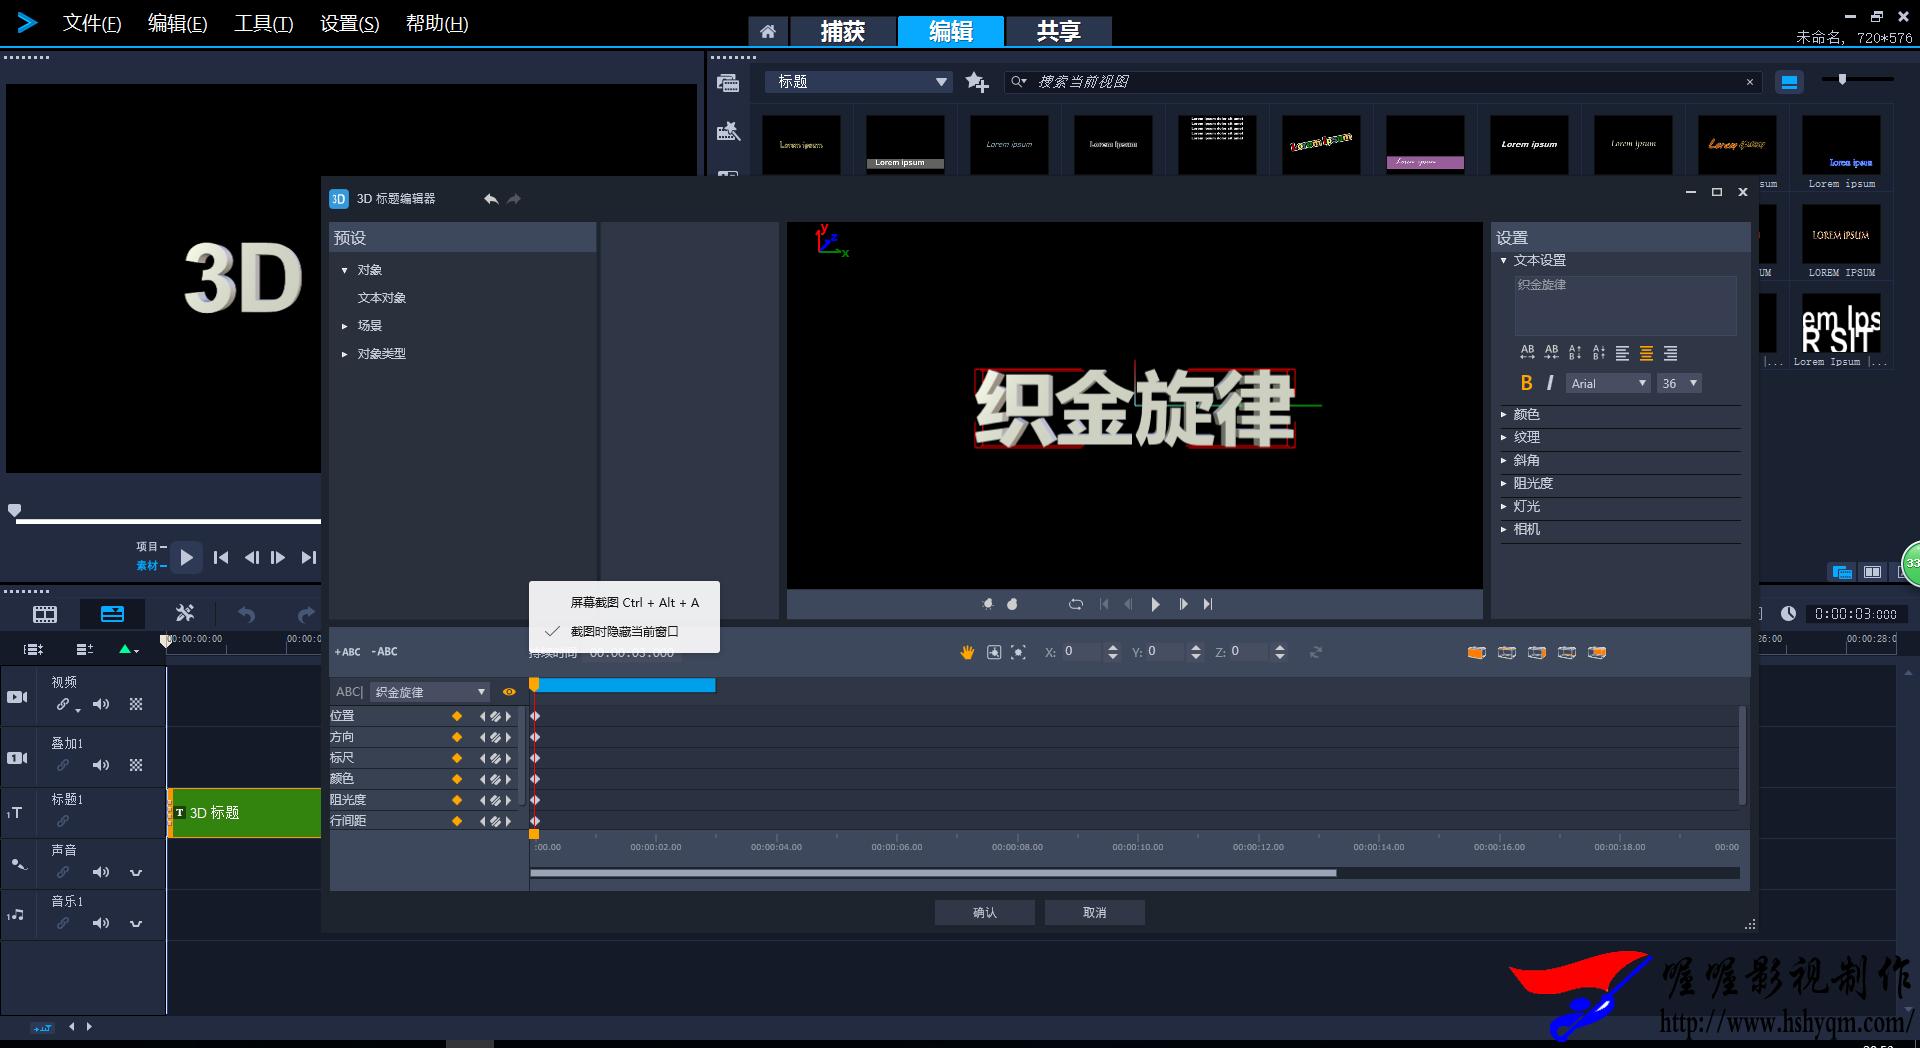 会声会影2019简体中文整合盘插图2